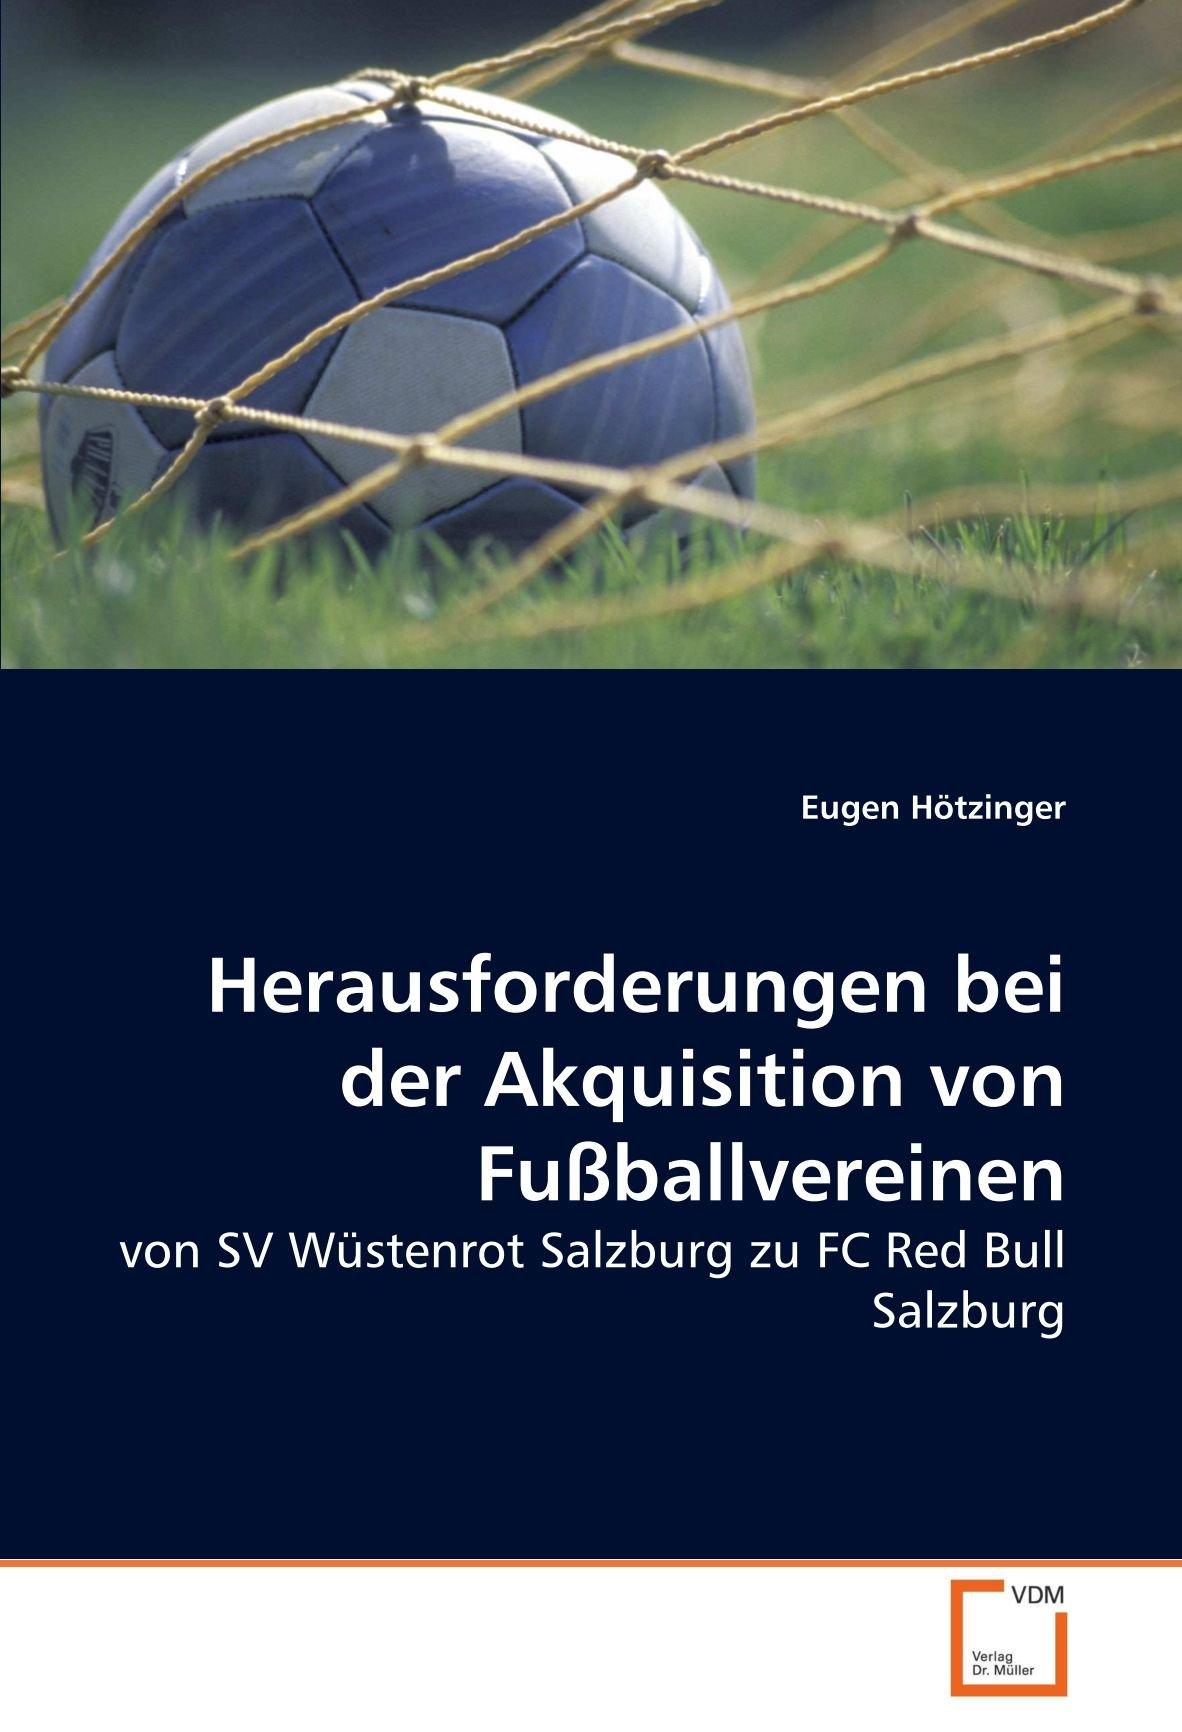 Download Herausforderungen bei der Akquisition von Fußballvereinen: von SV Wüstenrot Salzburg zu FC Red Bull Salzburg (German Edition) PDF